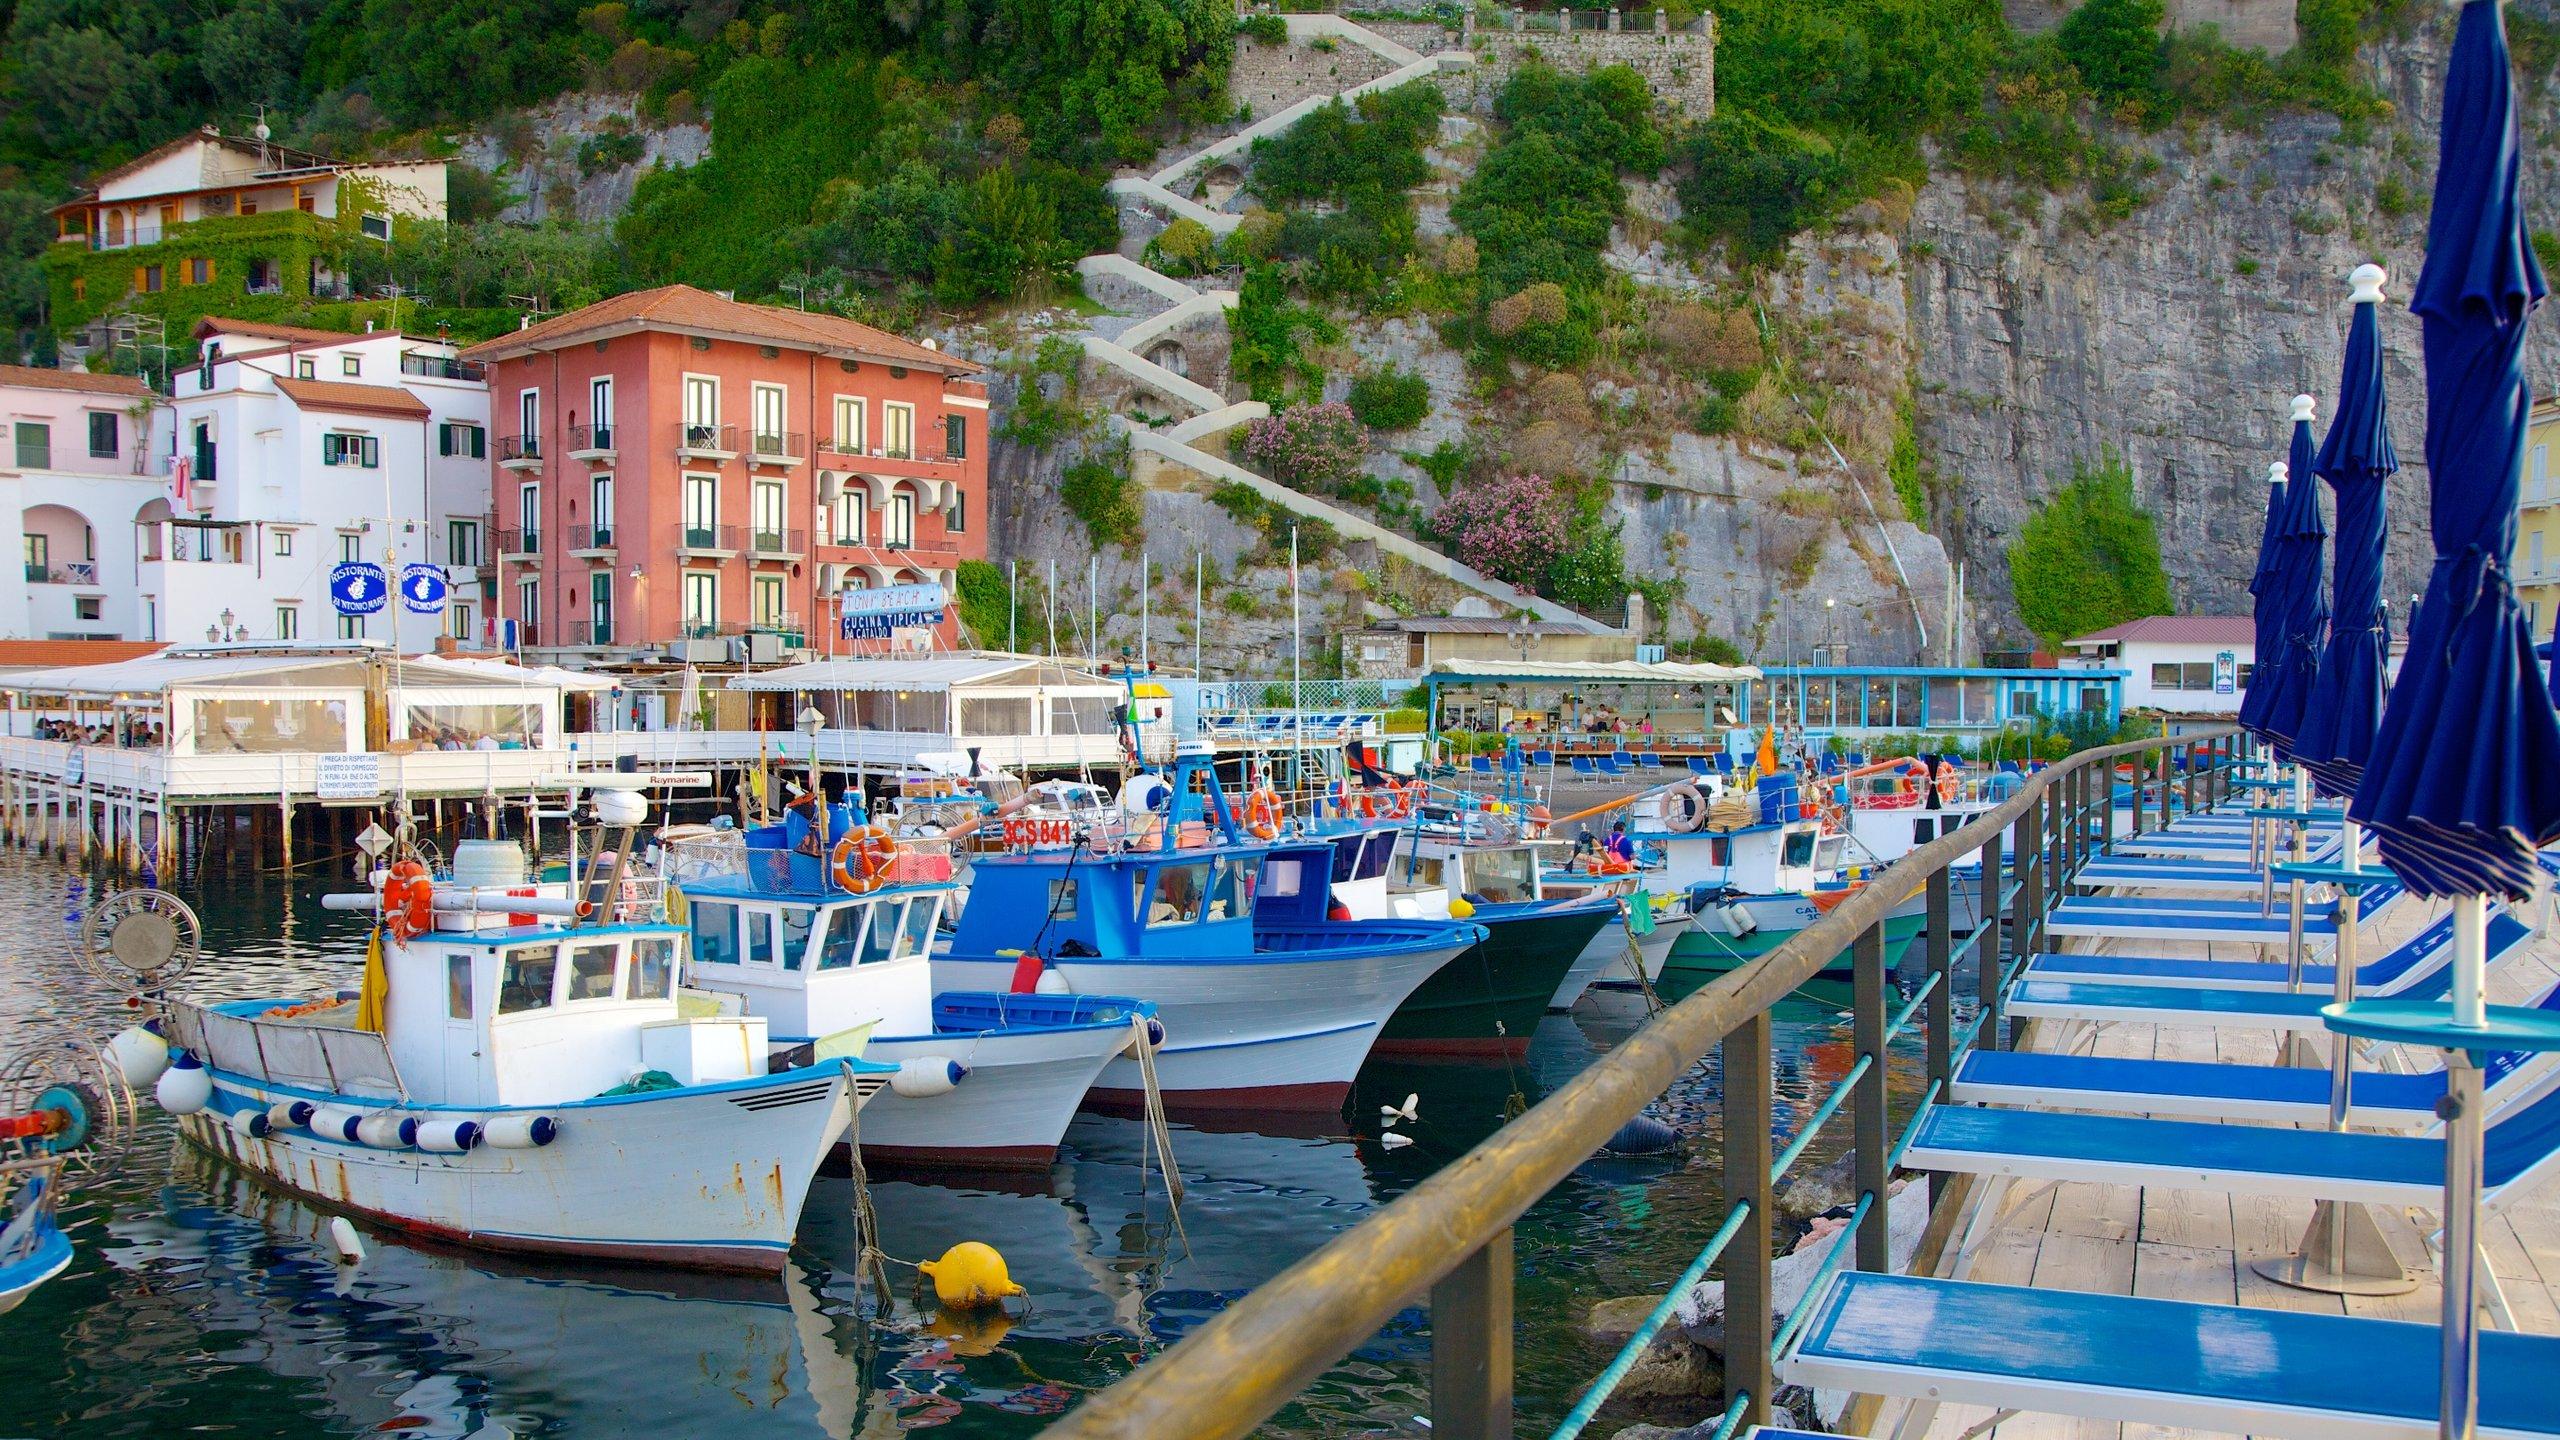 Marina Grande Beach, Sorrento, Campania, Italy